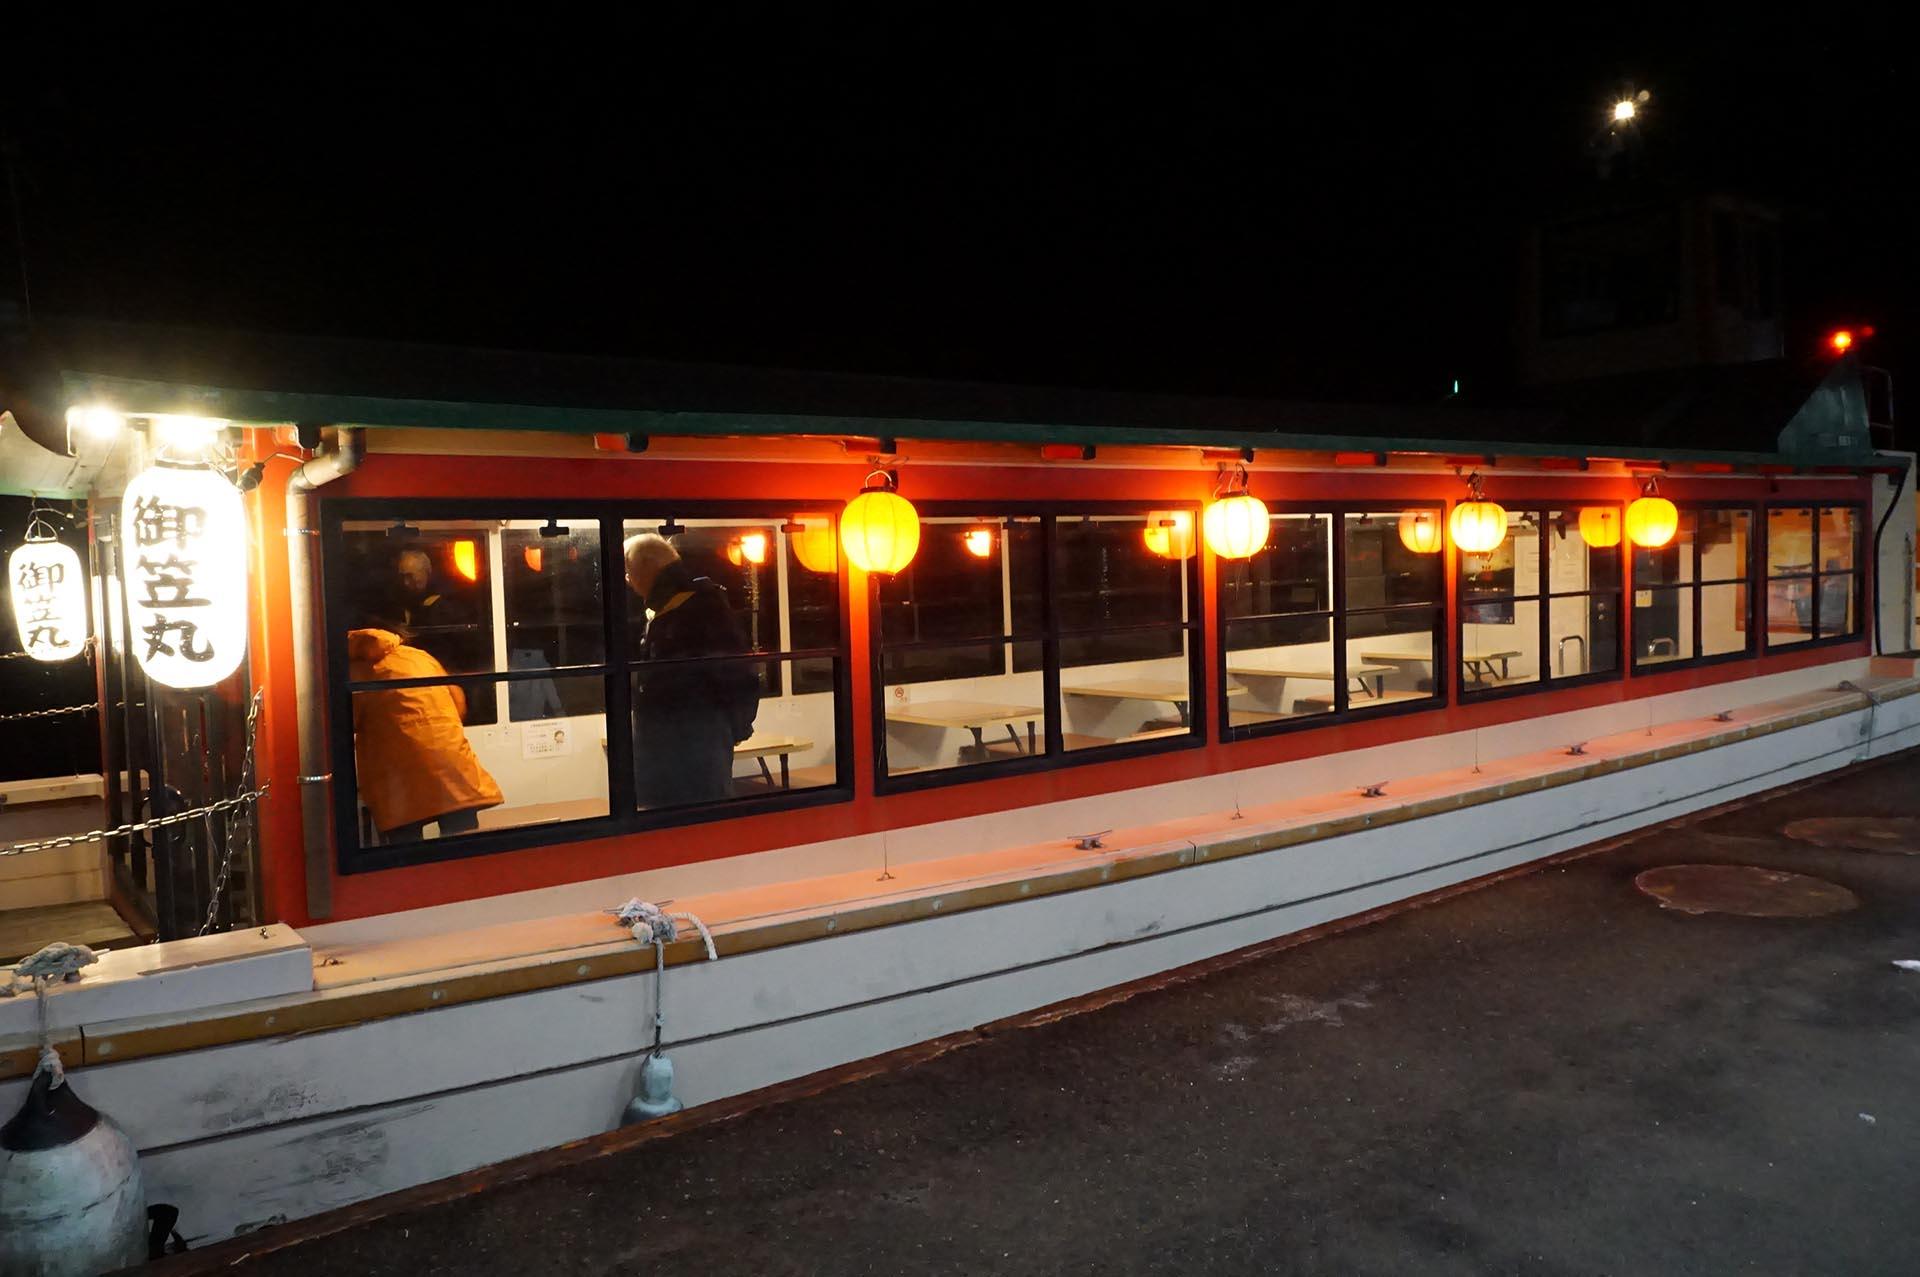 宮島参拝遊覧船の屋形船